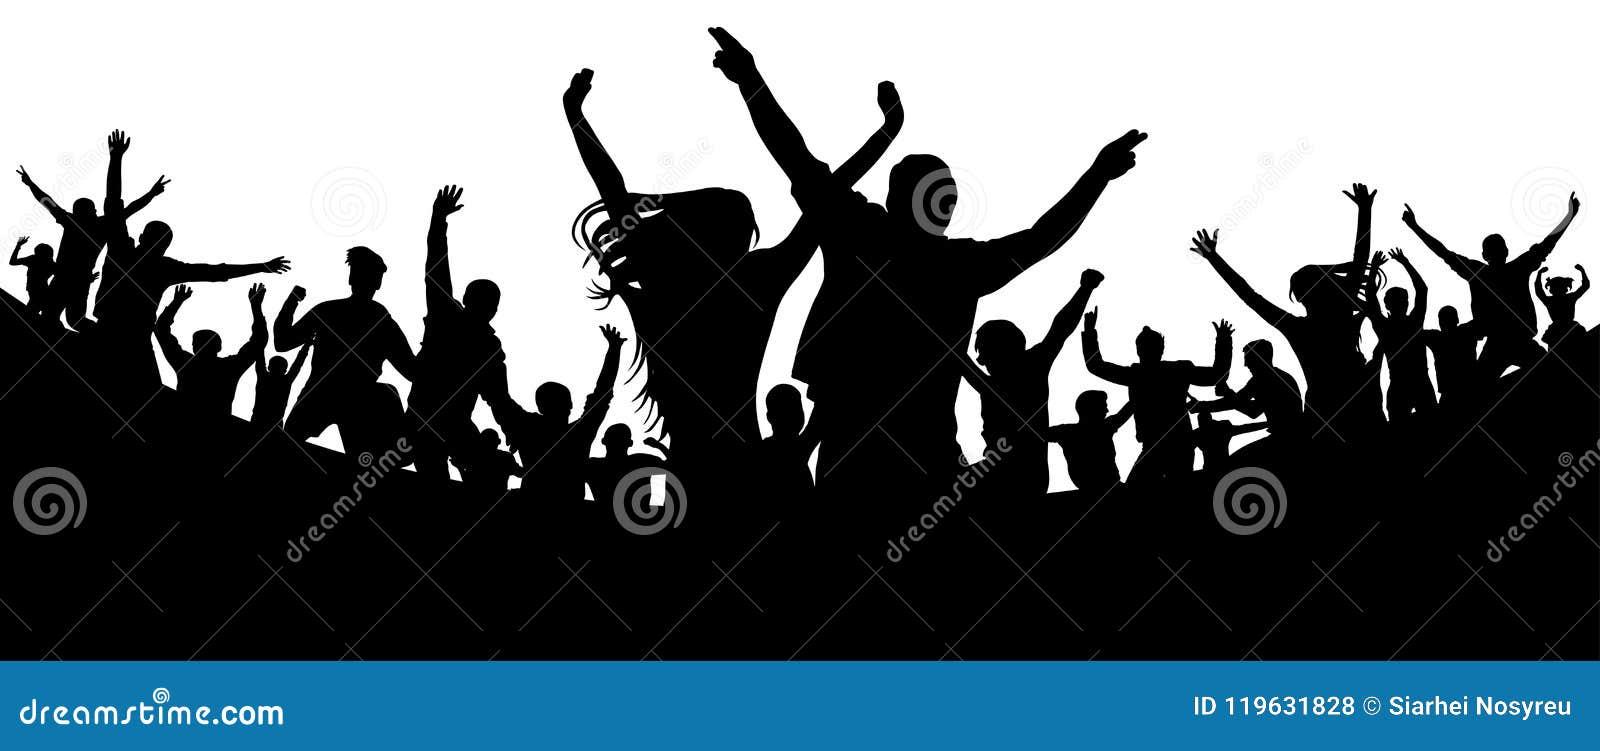 Partido, concerto, dança, divertimento Multidão de vetor da silhueta dos povos Juventude alegre